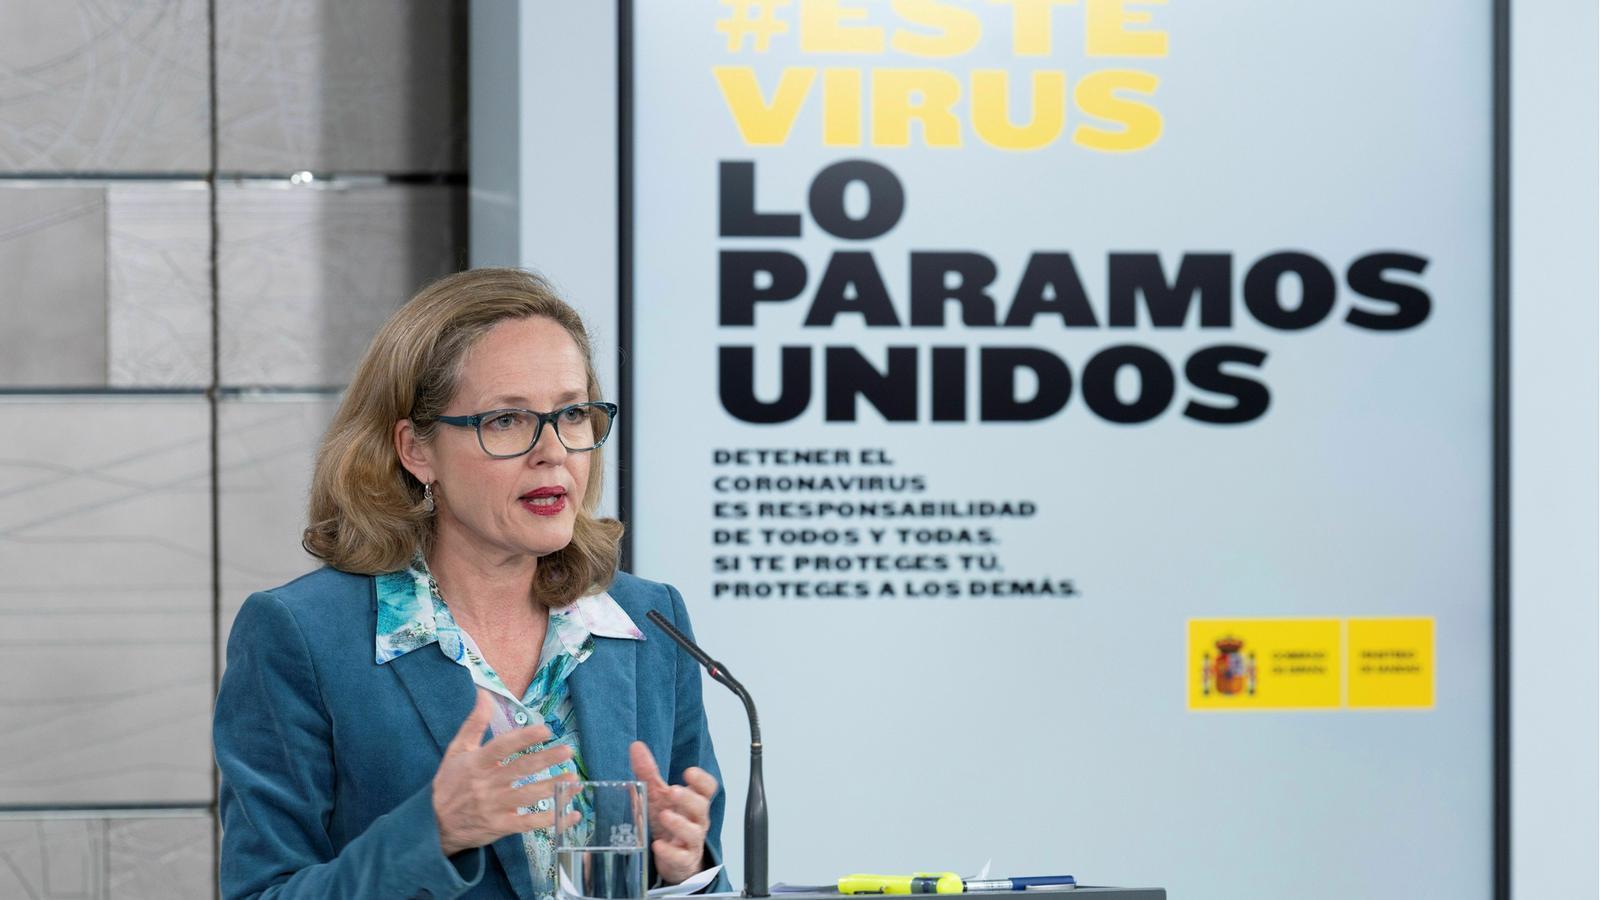 Catalunya supera els 2.000 morts i la ministra Calviño diu que no pot ajornar els impostos: les claus del dia, amb Antoni Bassas (02/04/2020)